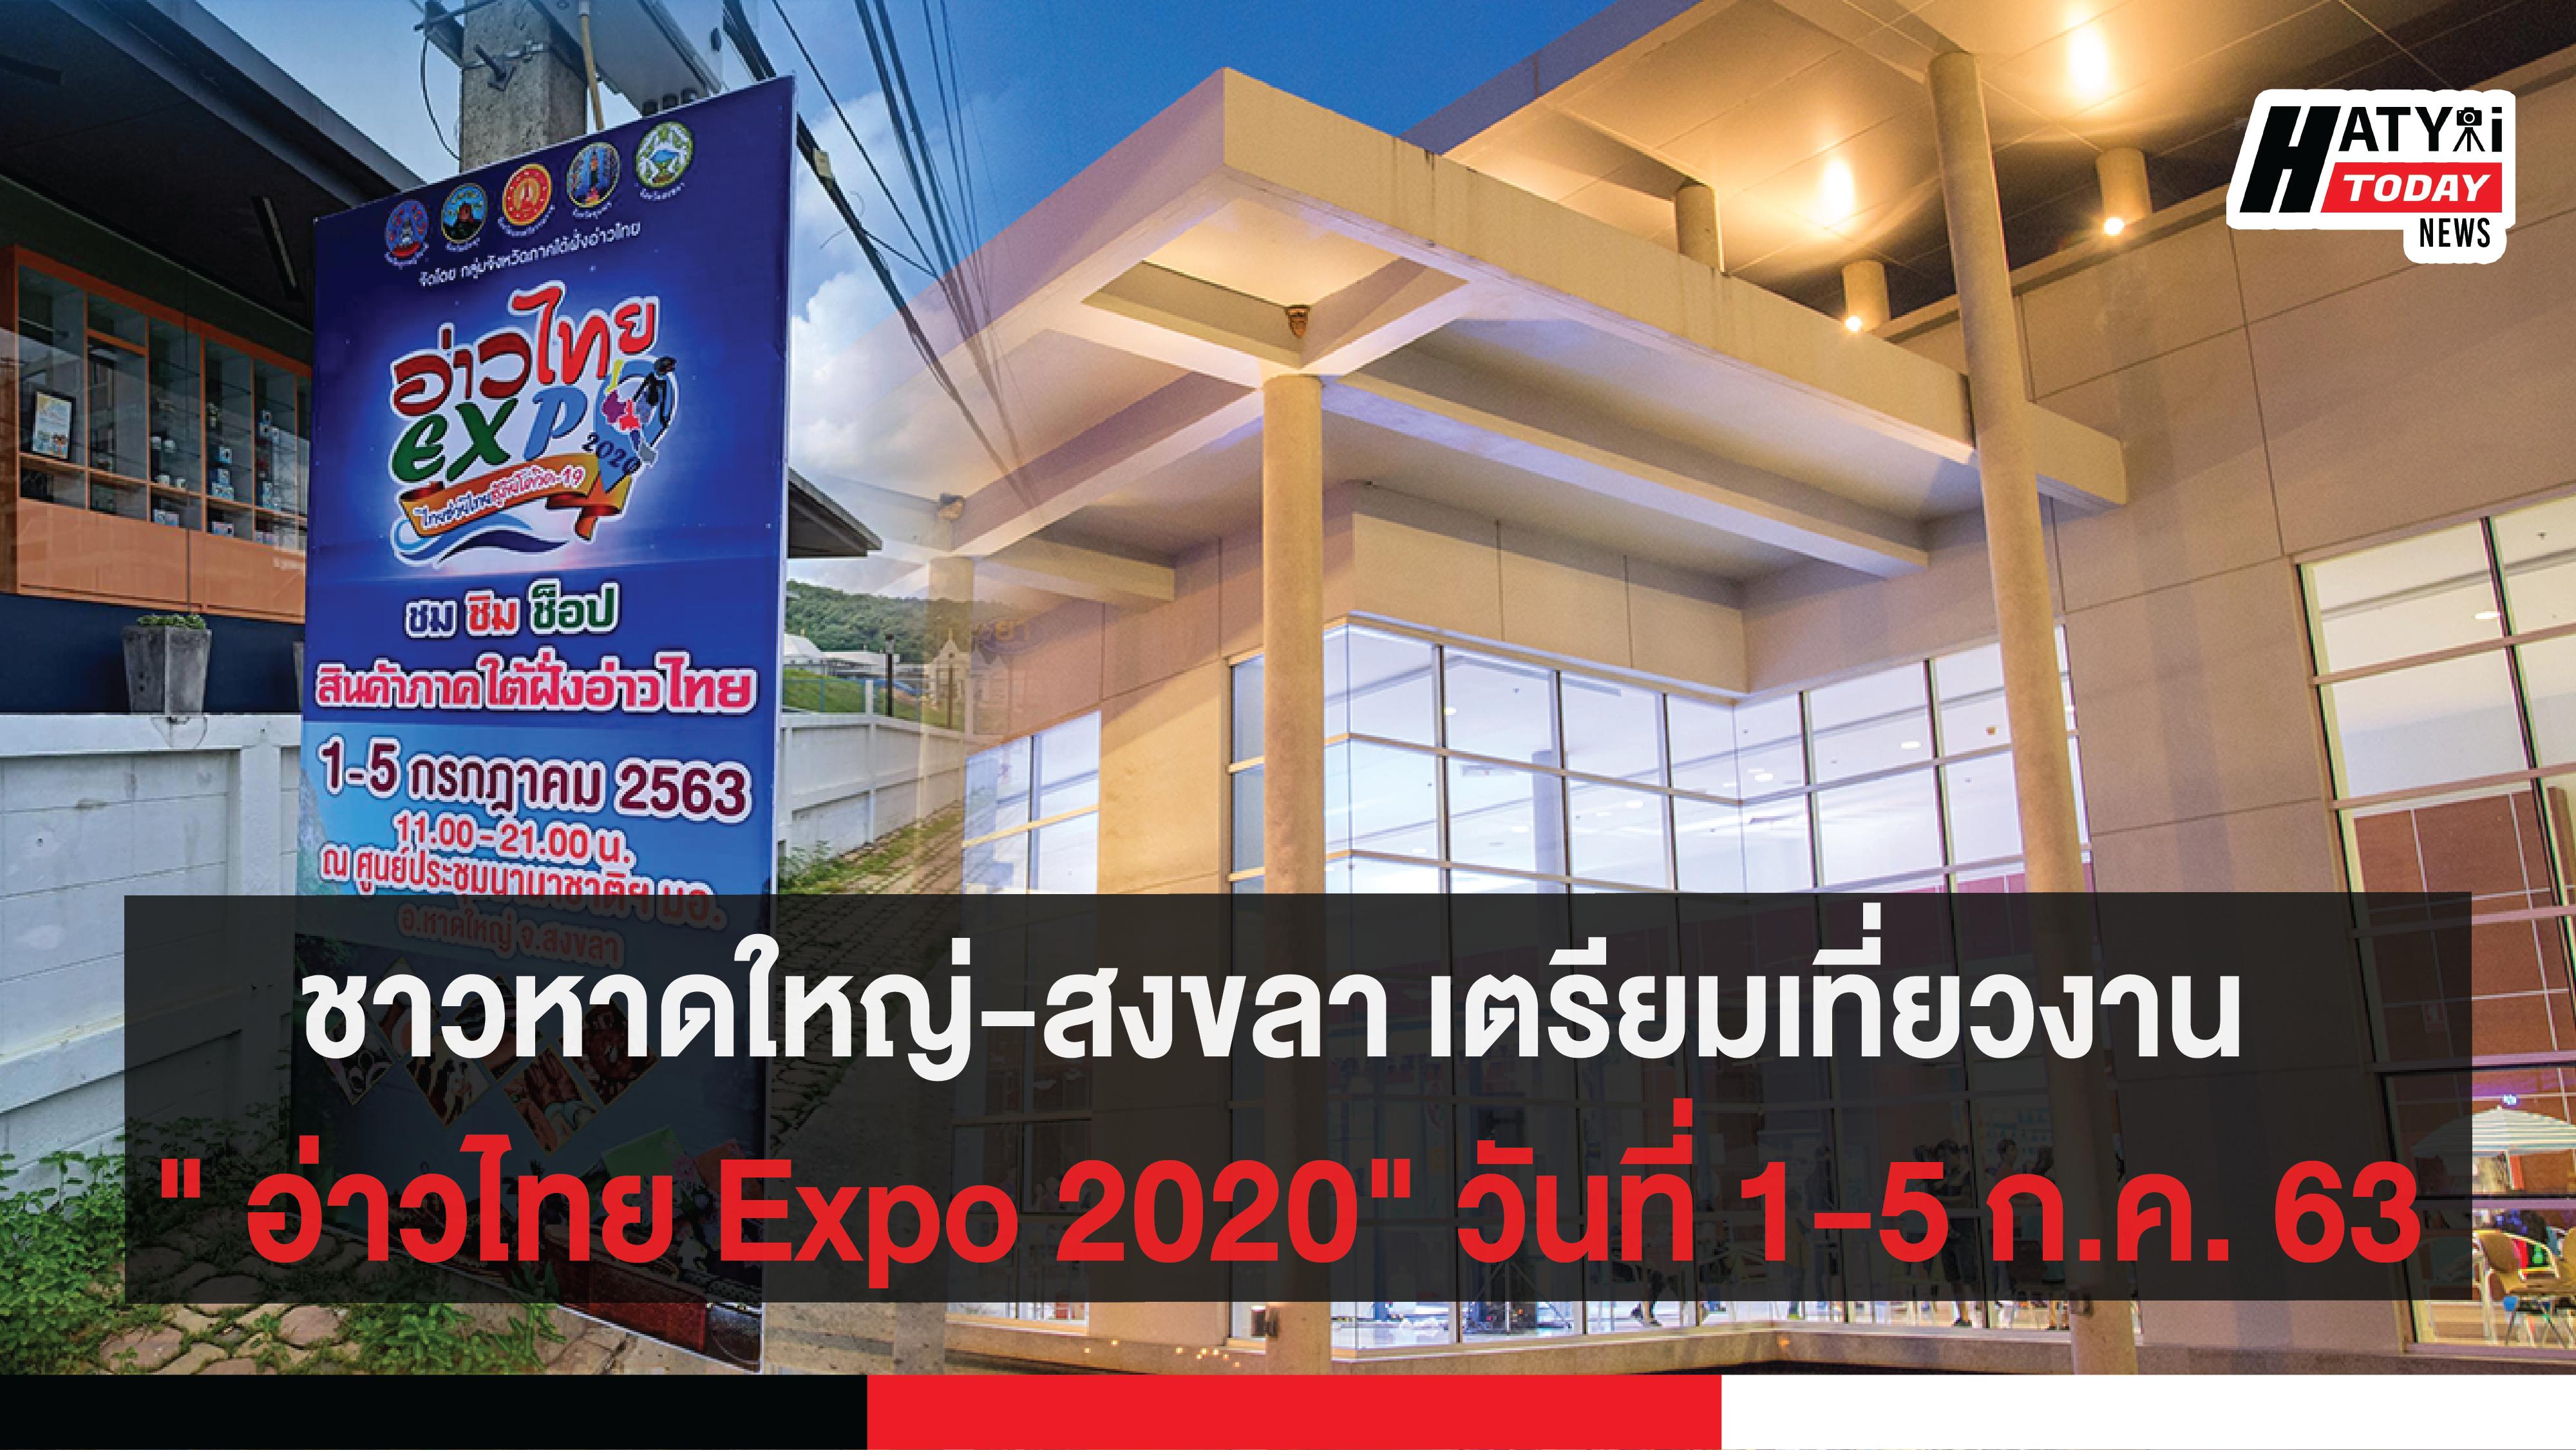 """วันที่ 1-5 ก.ค. 63 ชาวหาดใหญ่-สงขลา เตรียมเที่ยวงาน """"ชม ชิม ช็อป อ่าวไทย Expo 2020"""""""